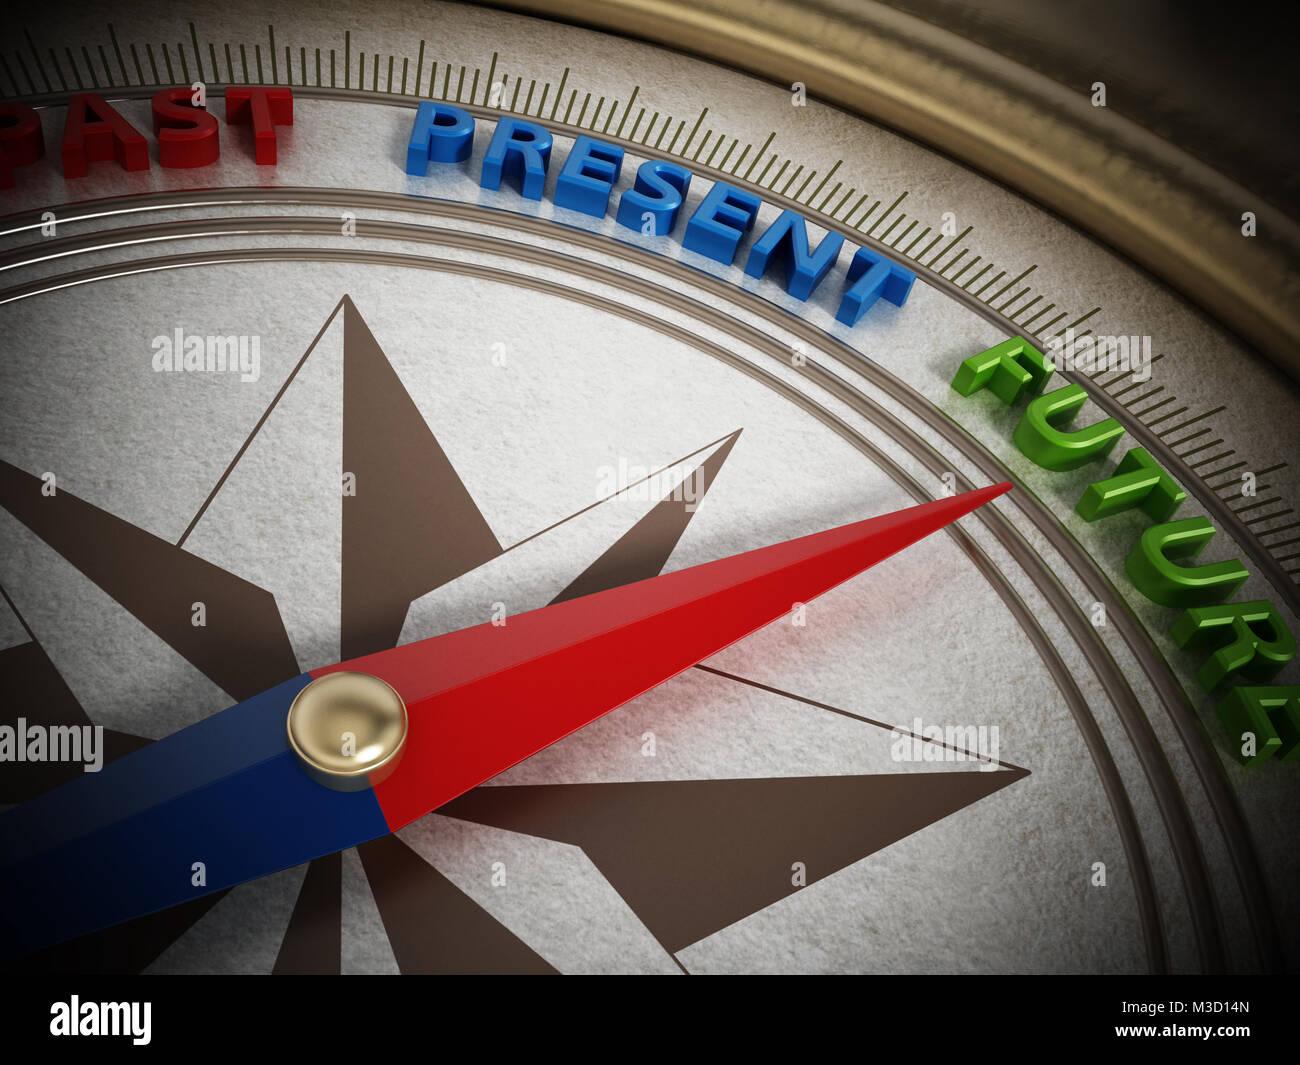 Kompass Nadel nach Zukunft zwischen Vergangenheit und Gegenwart. 3D-Darstellung. Stockbild